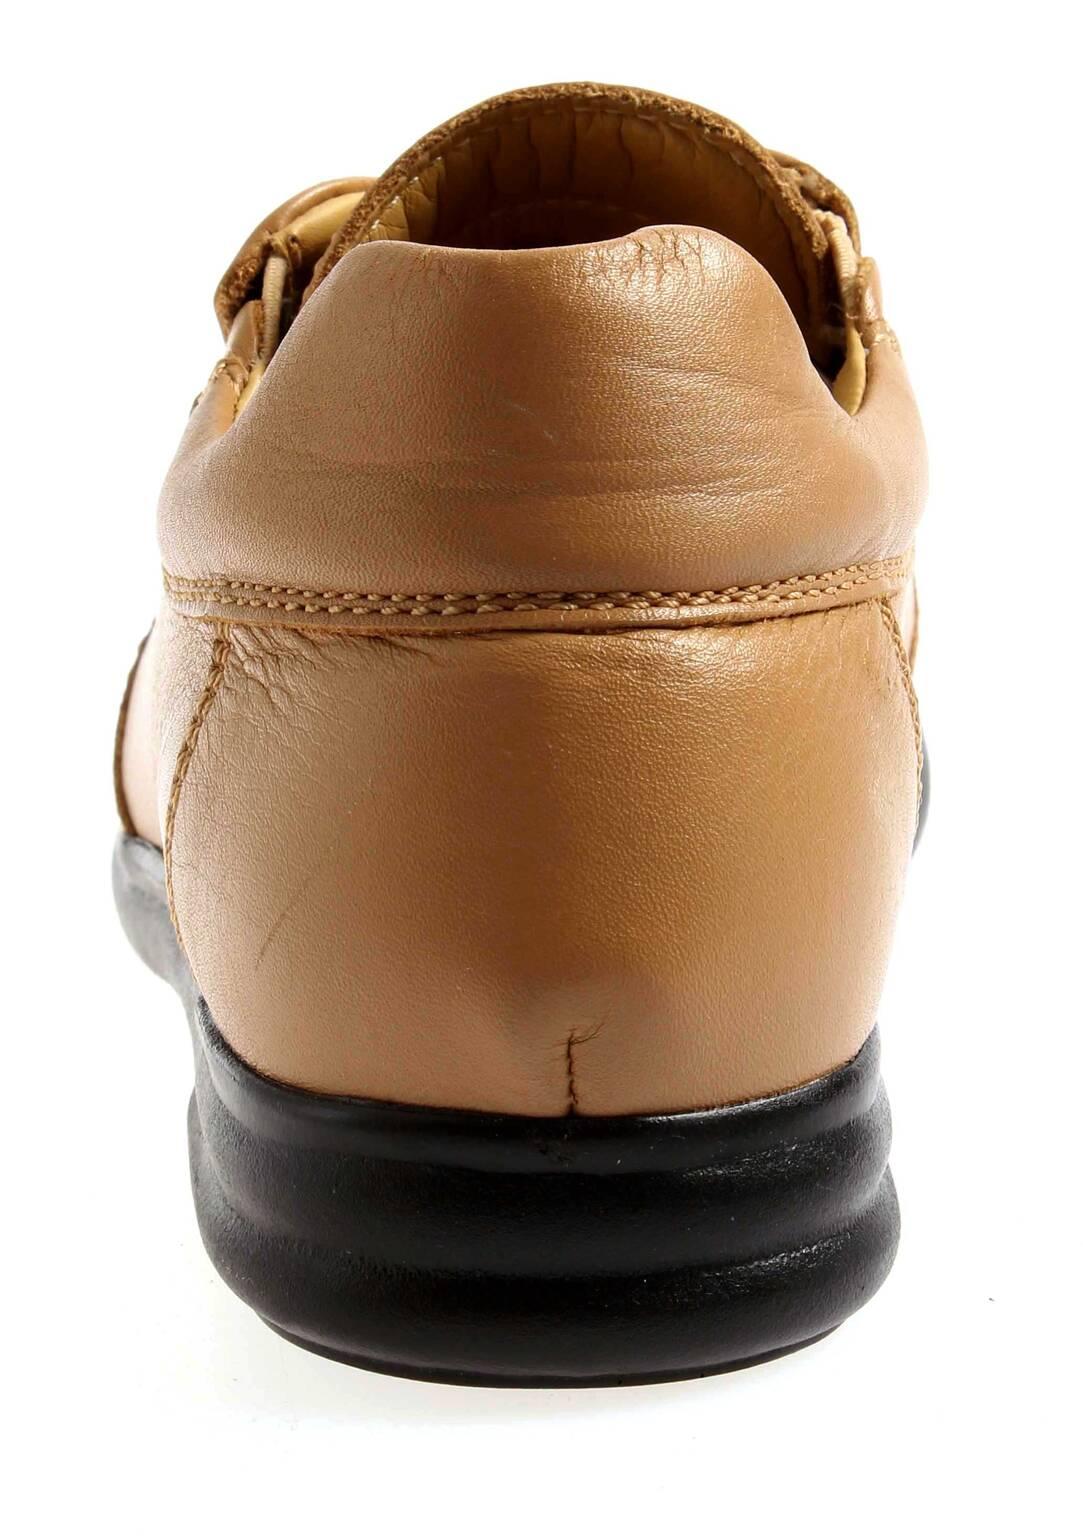 Indexbild 10 - Footprints by Birkenstock Halbschuhe Merano Leder